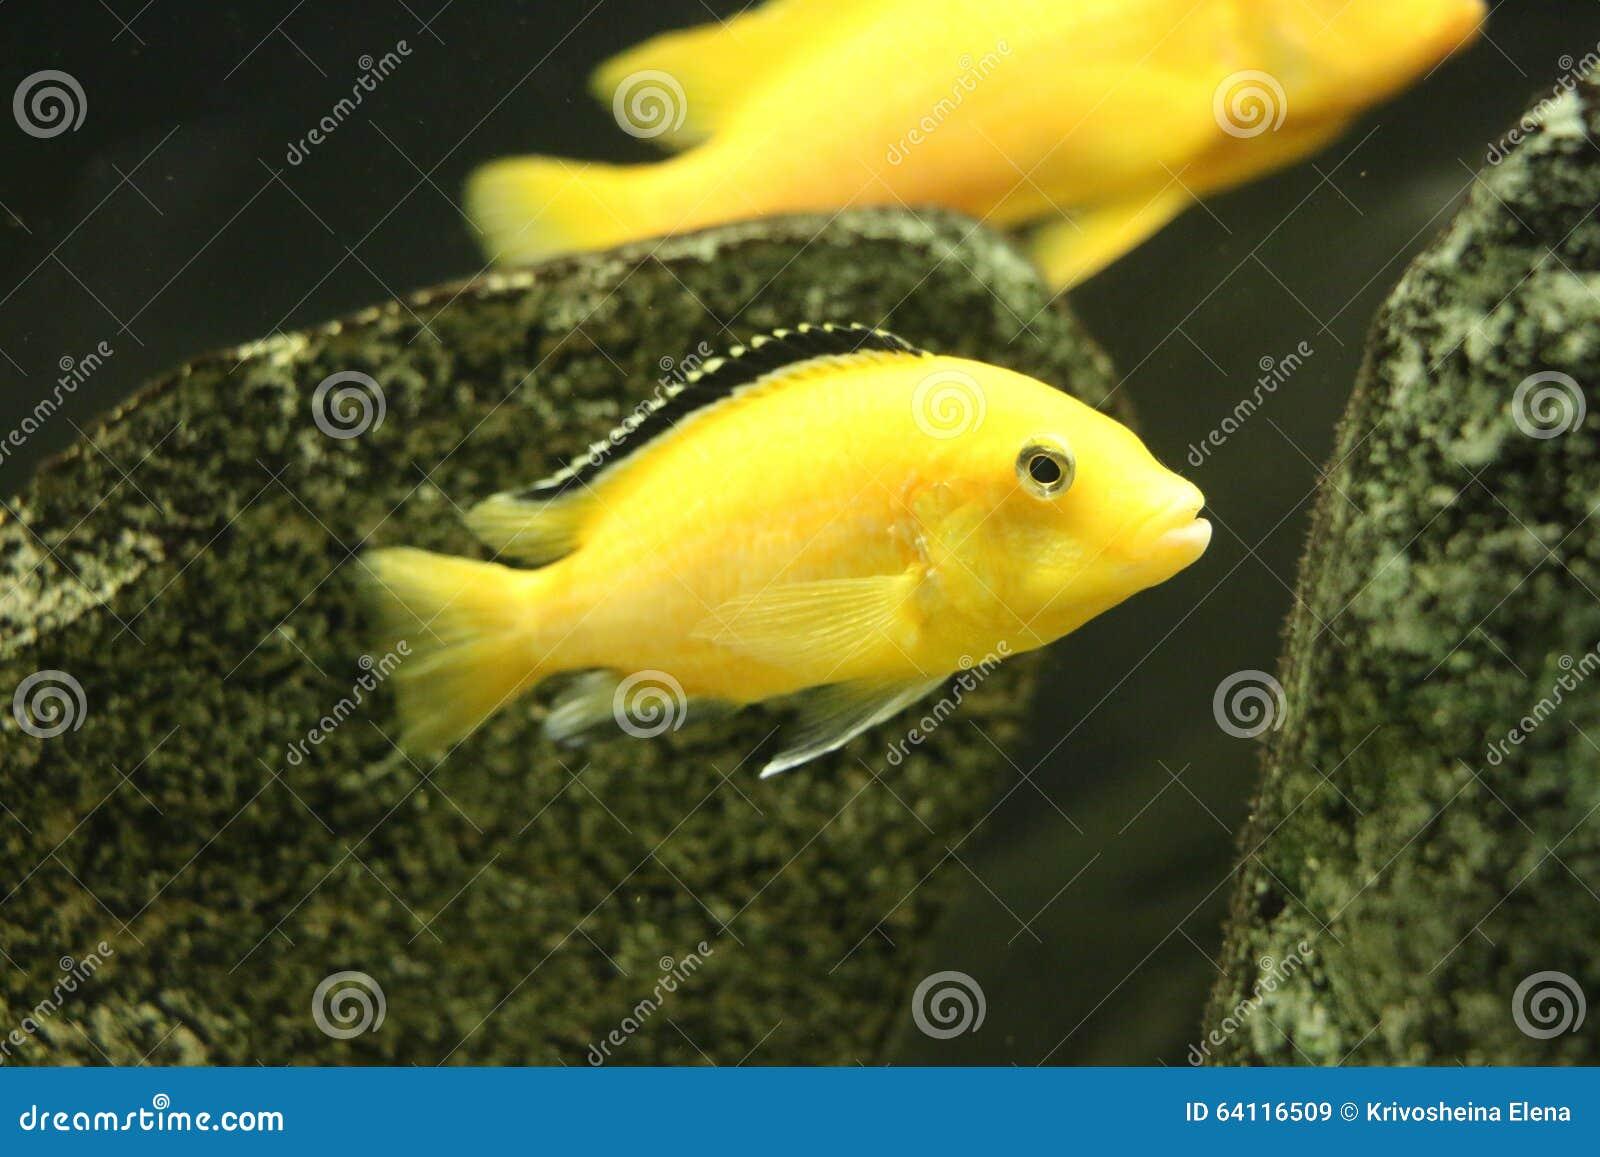 gro e sch ne fische unterwasser in einem aquarium stockbild bild von fische aquarium 64116509. Black Bedroom Furniture Sets. Home Design Ideas